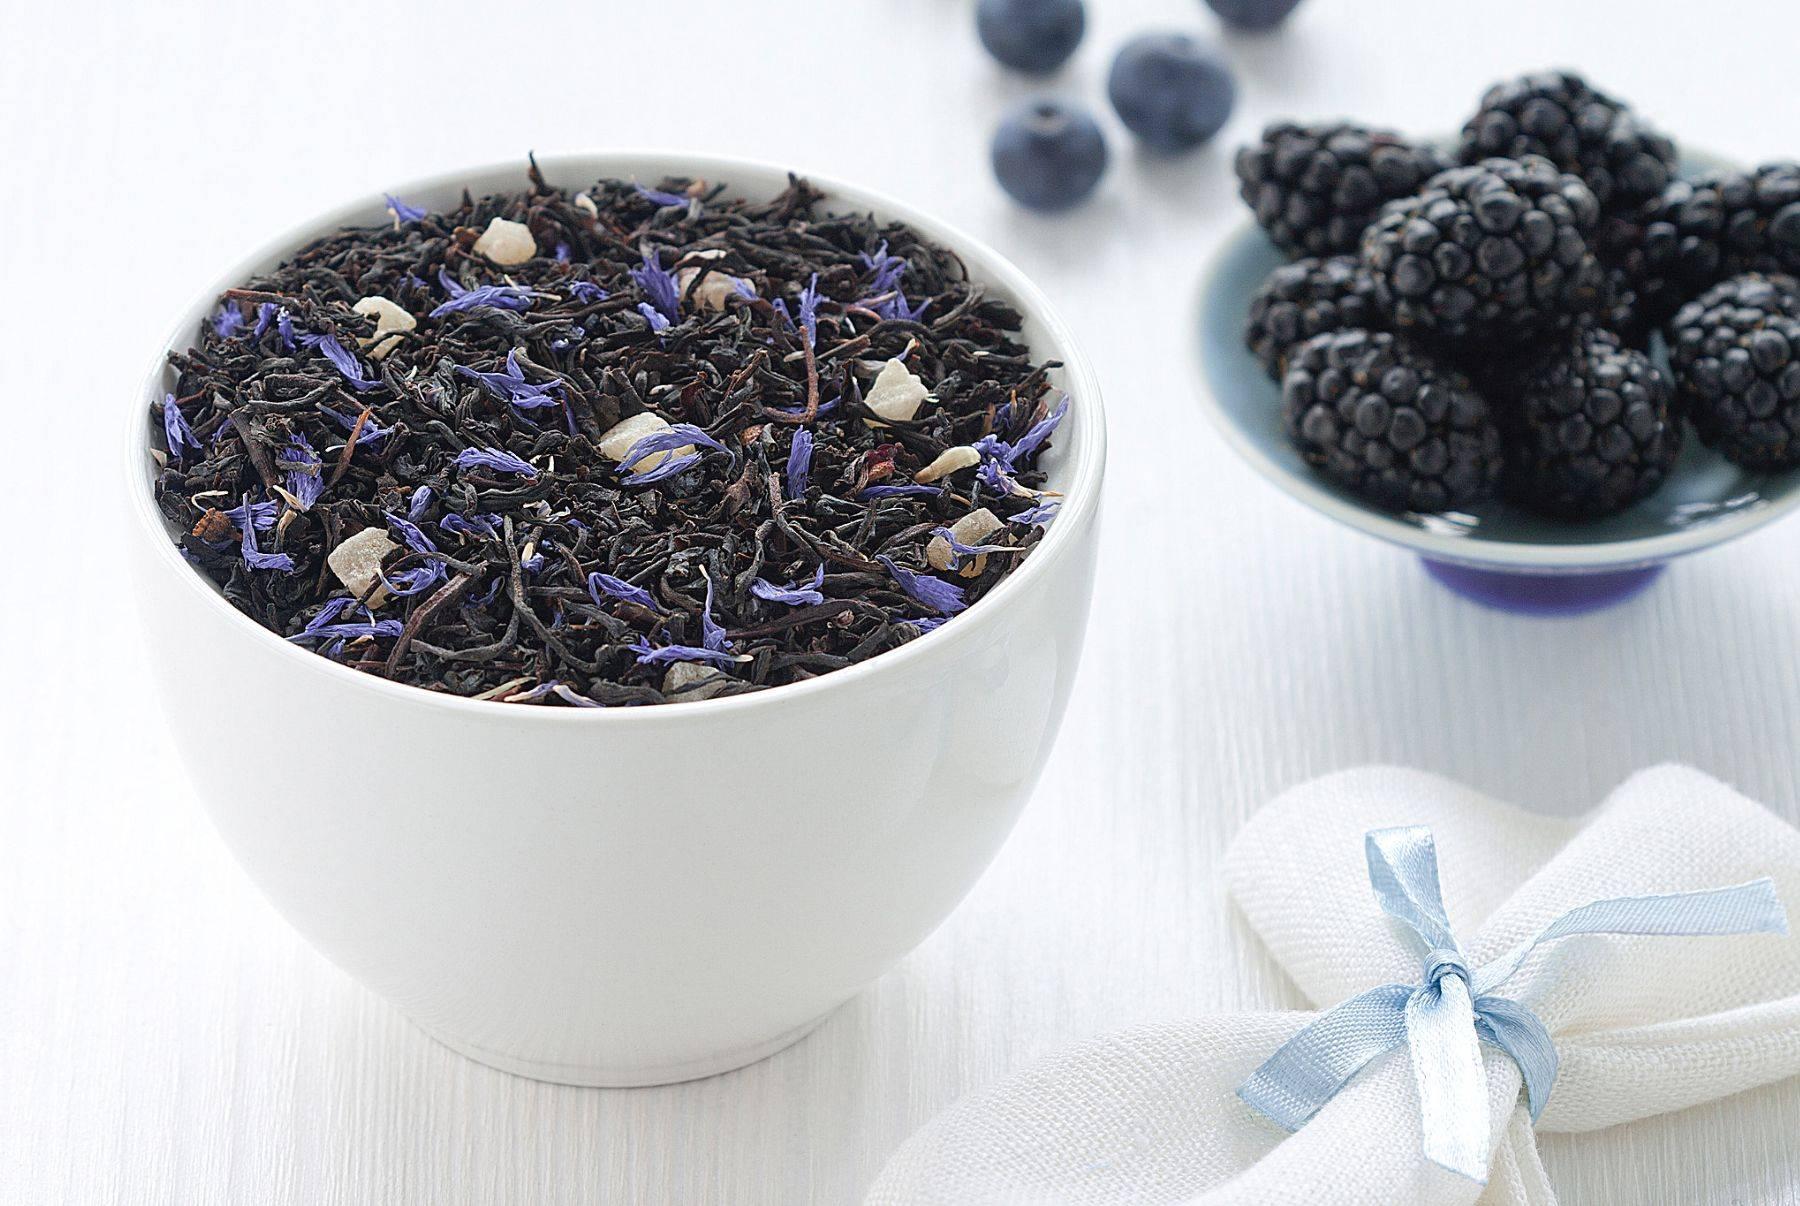 Рецепты чая с ягодами и листьями ежевики и его свойства